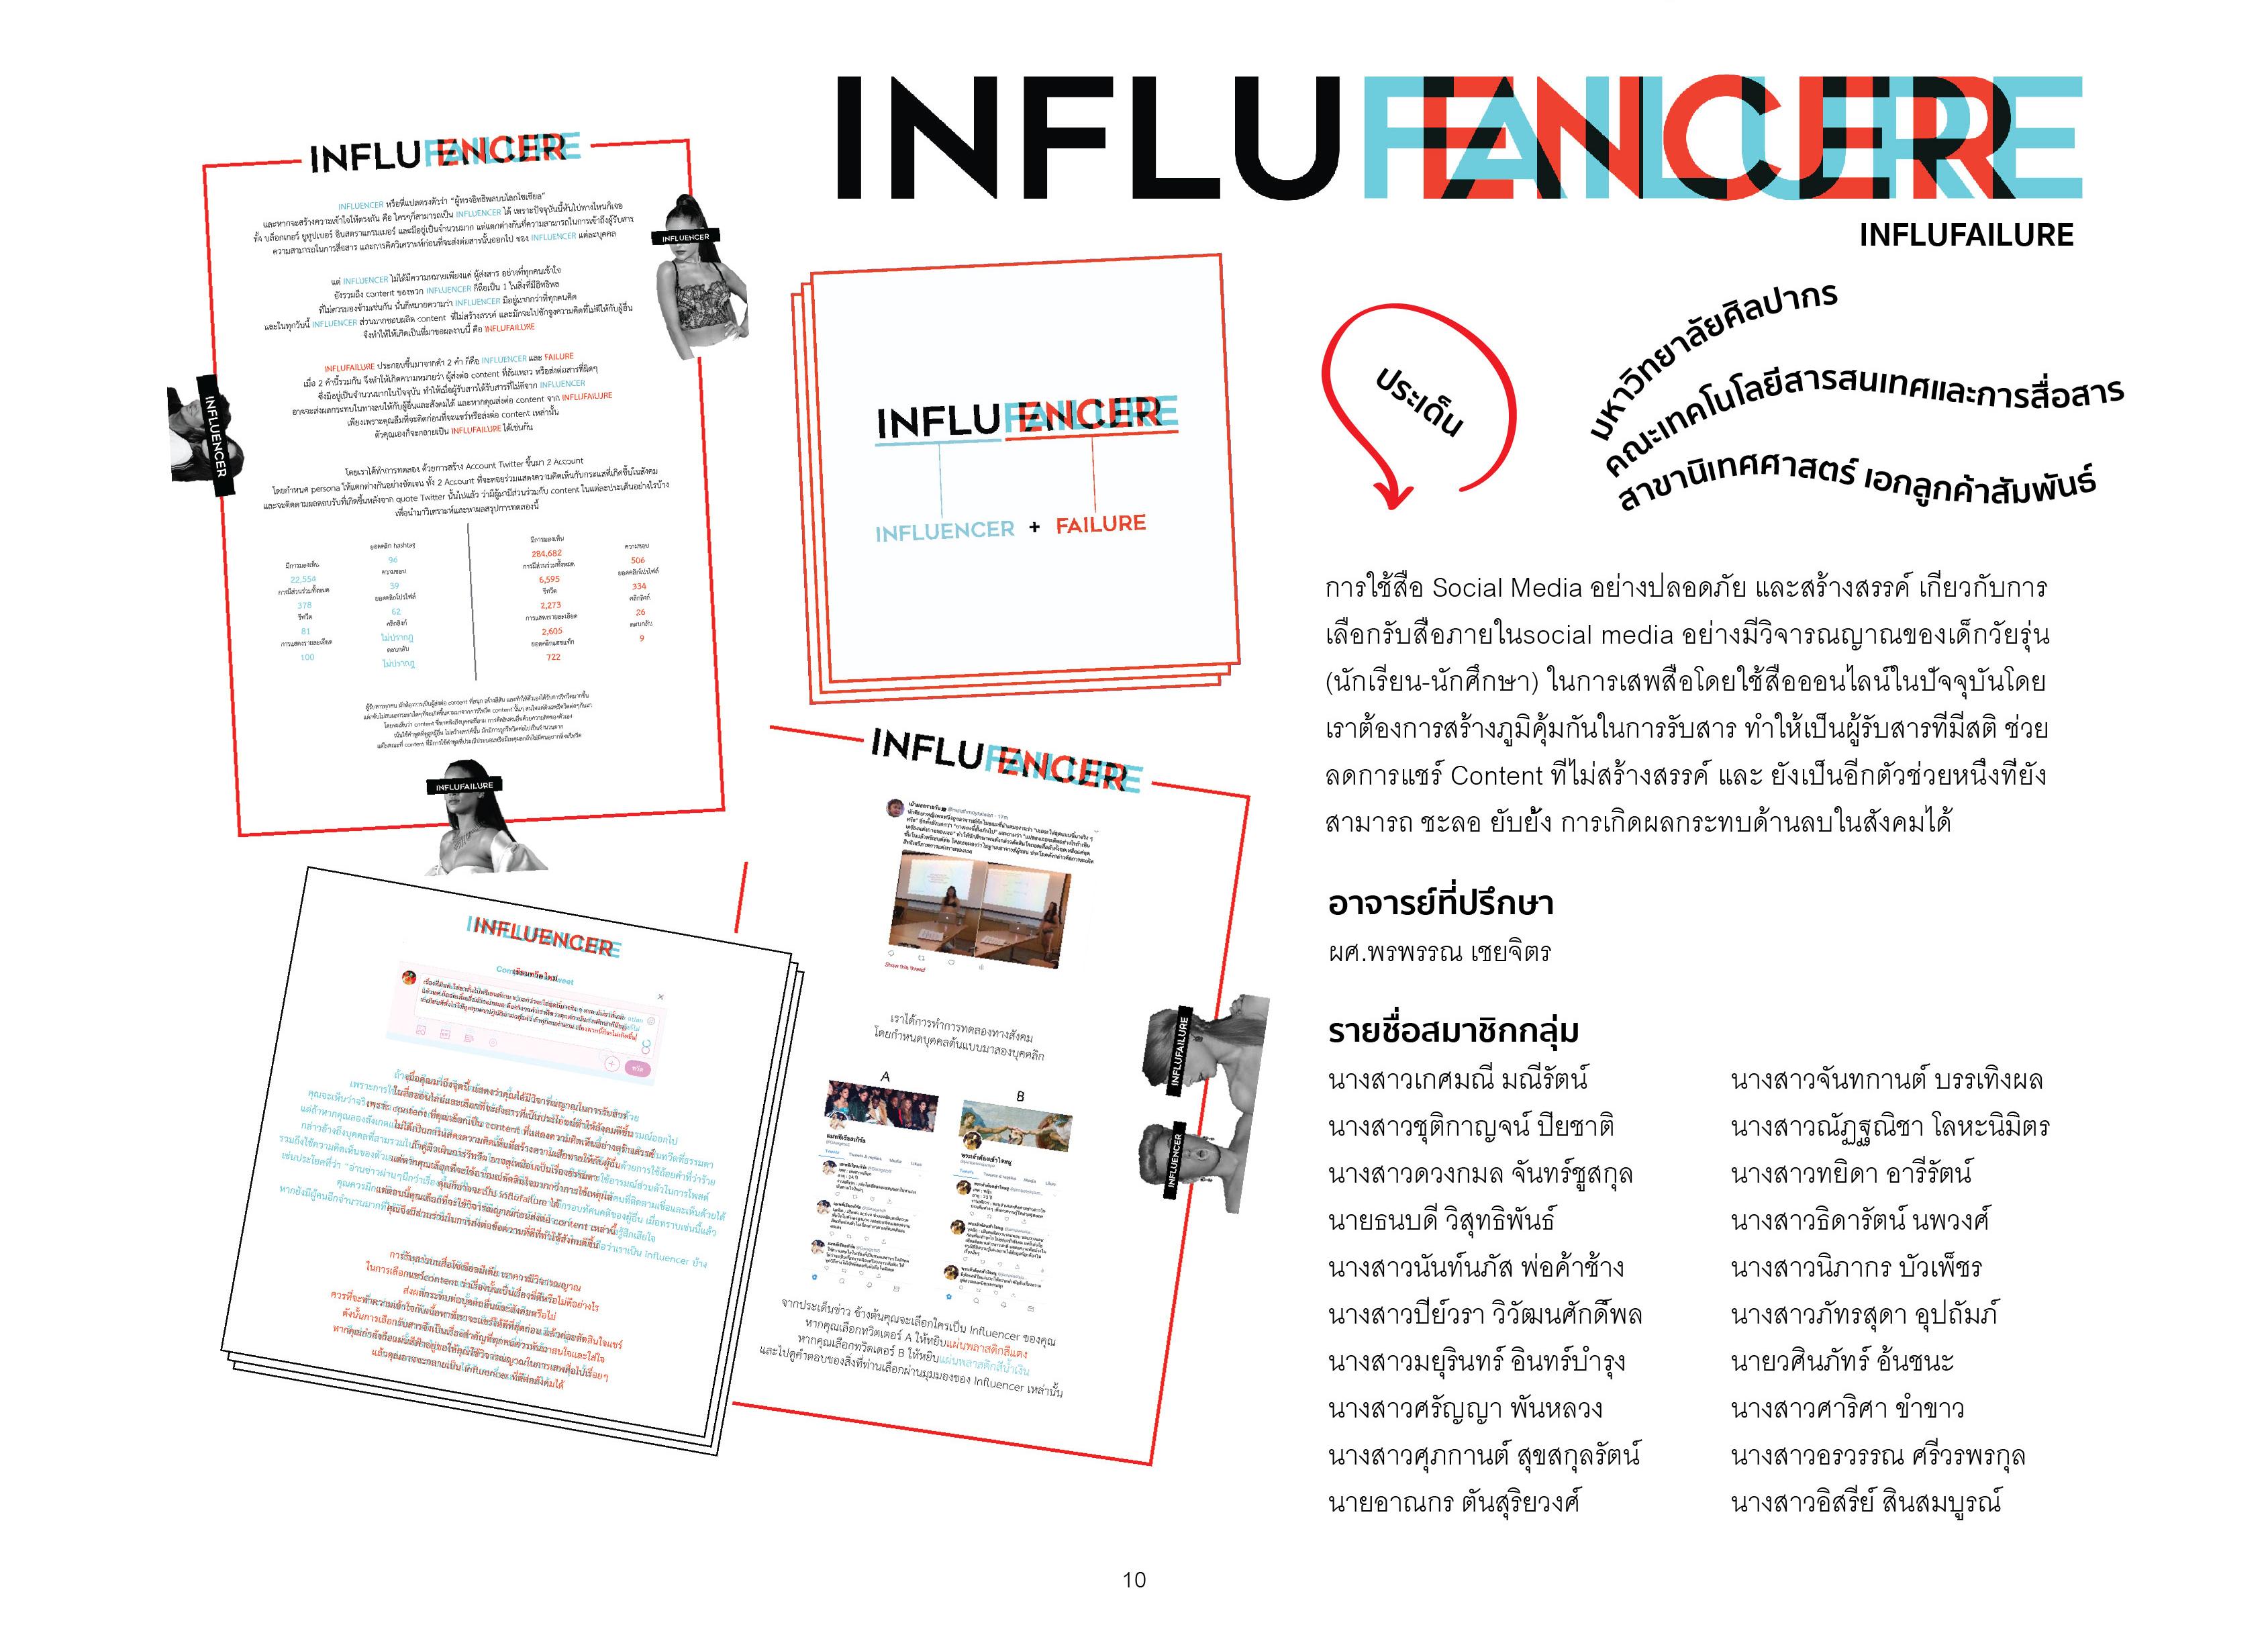 INFLUFAILURE  โดย คณะเทคโนโลยีสารสนเทศและการสื่อสาร มหาวิทยาลัยศิลปากร